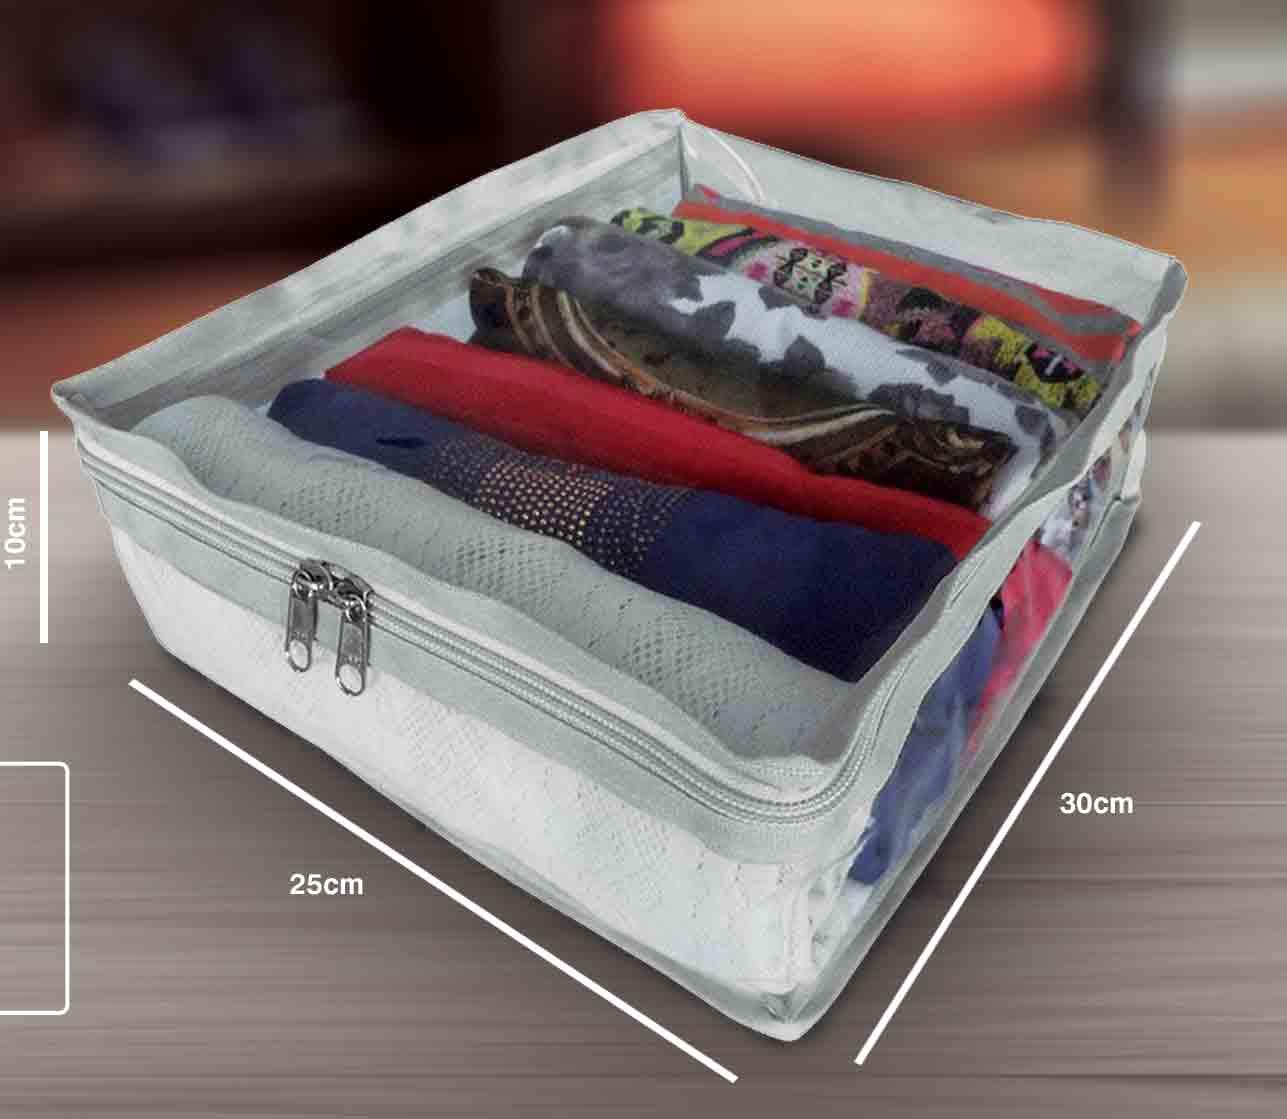 Organizador Plástico - Mala da Mala 2 - 25X30X10CM Branca